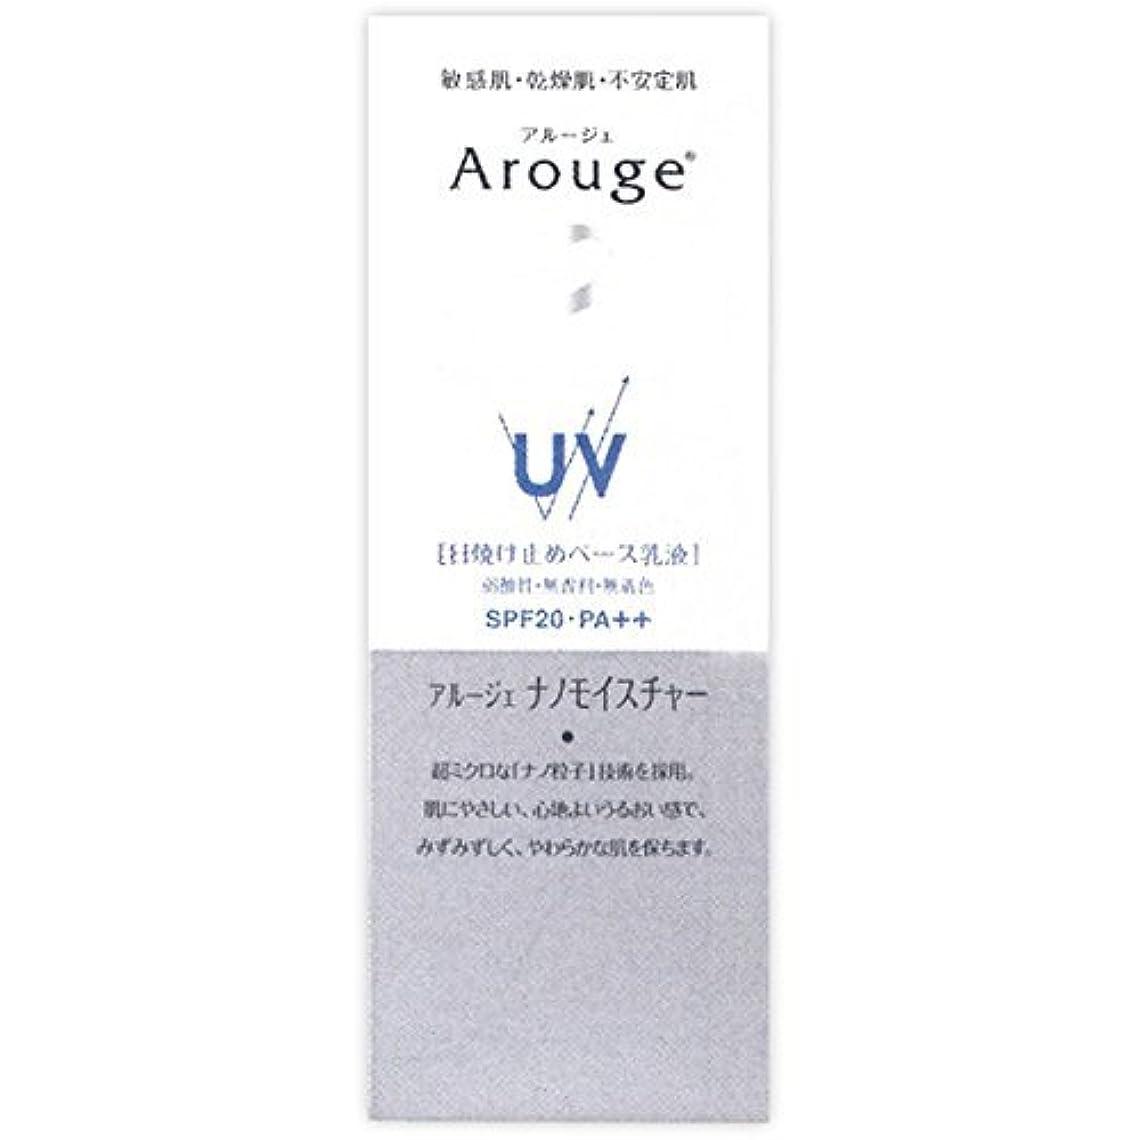 言語学虚偽予測アルージェ UV モイストビューティーアップ日焼け止めベース乳液25g (SPF20?PA++)